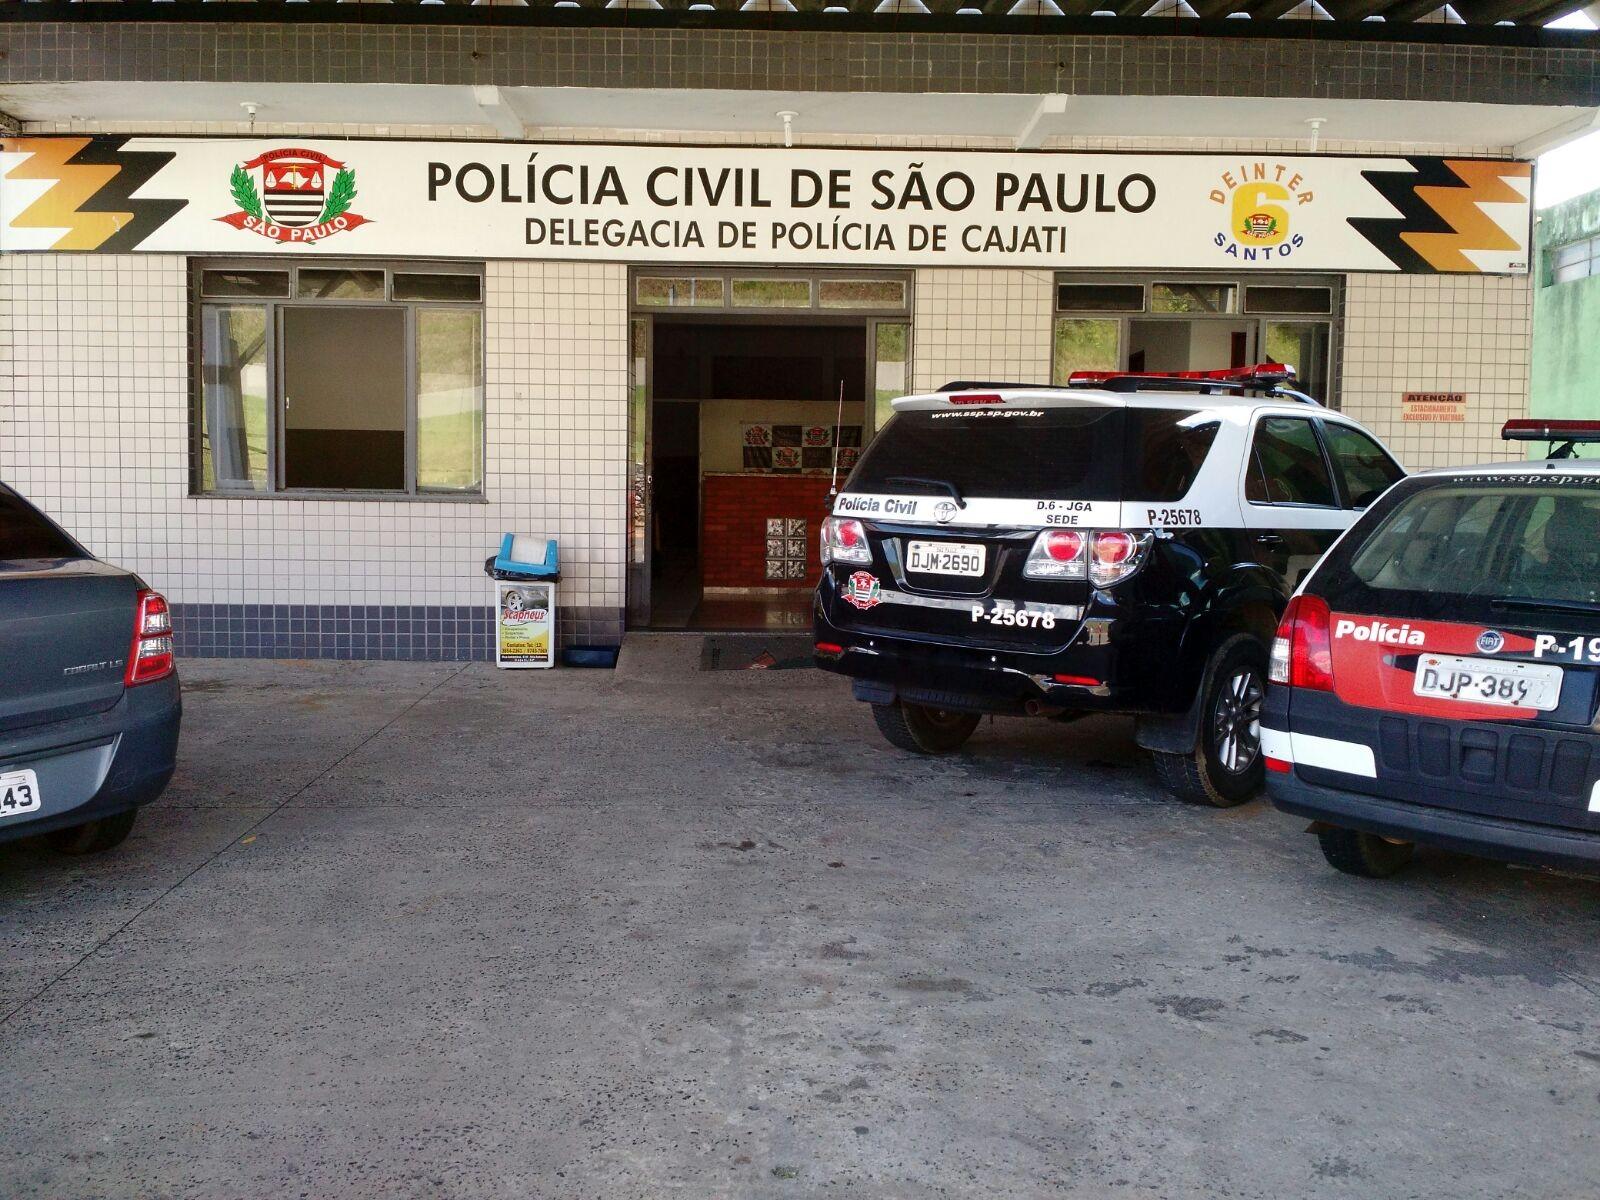 Homem é preso 19 anos após matar homem em frente a família em SP - Notícias - Plantão Diário